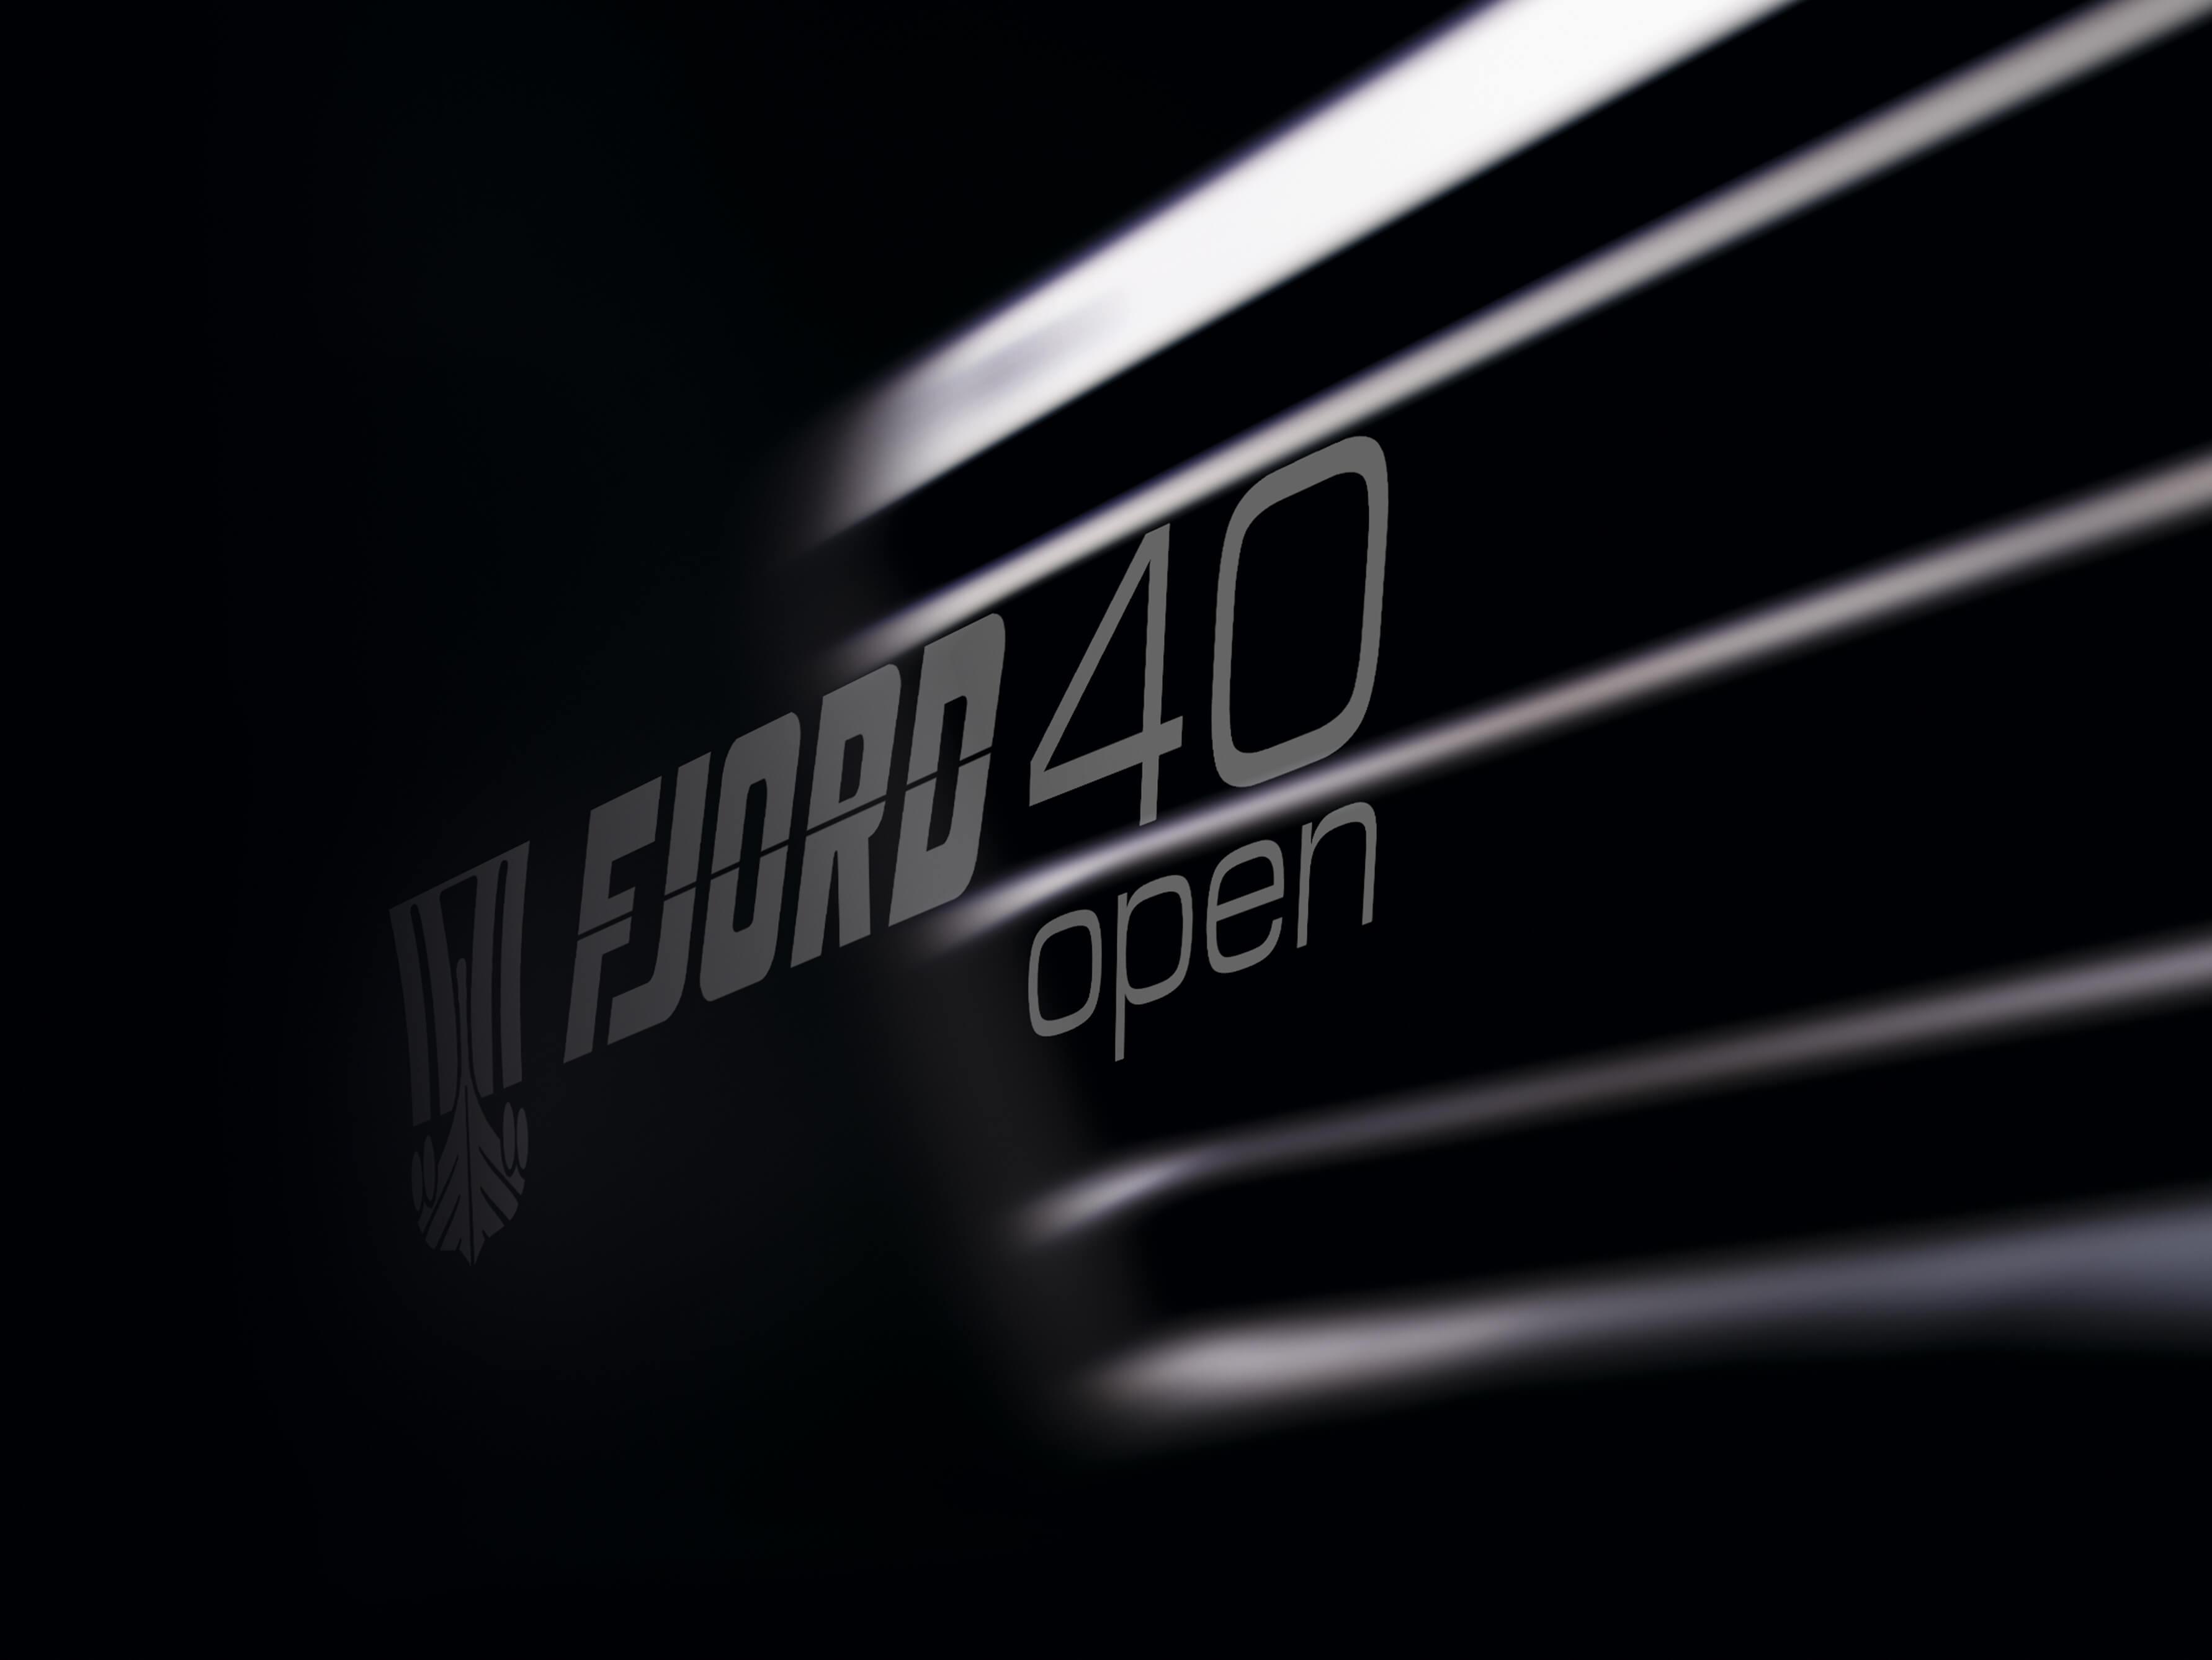 Fjord 40 open Außenansicht Ankern | Logo | Fjord